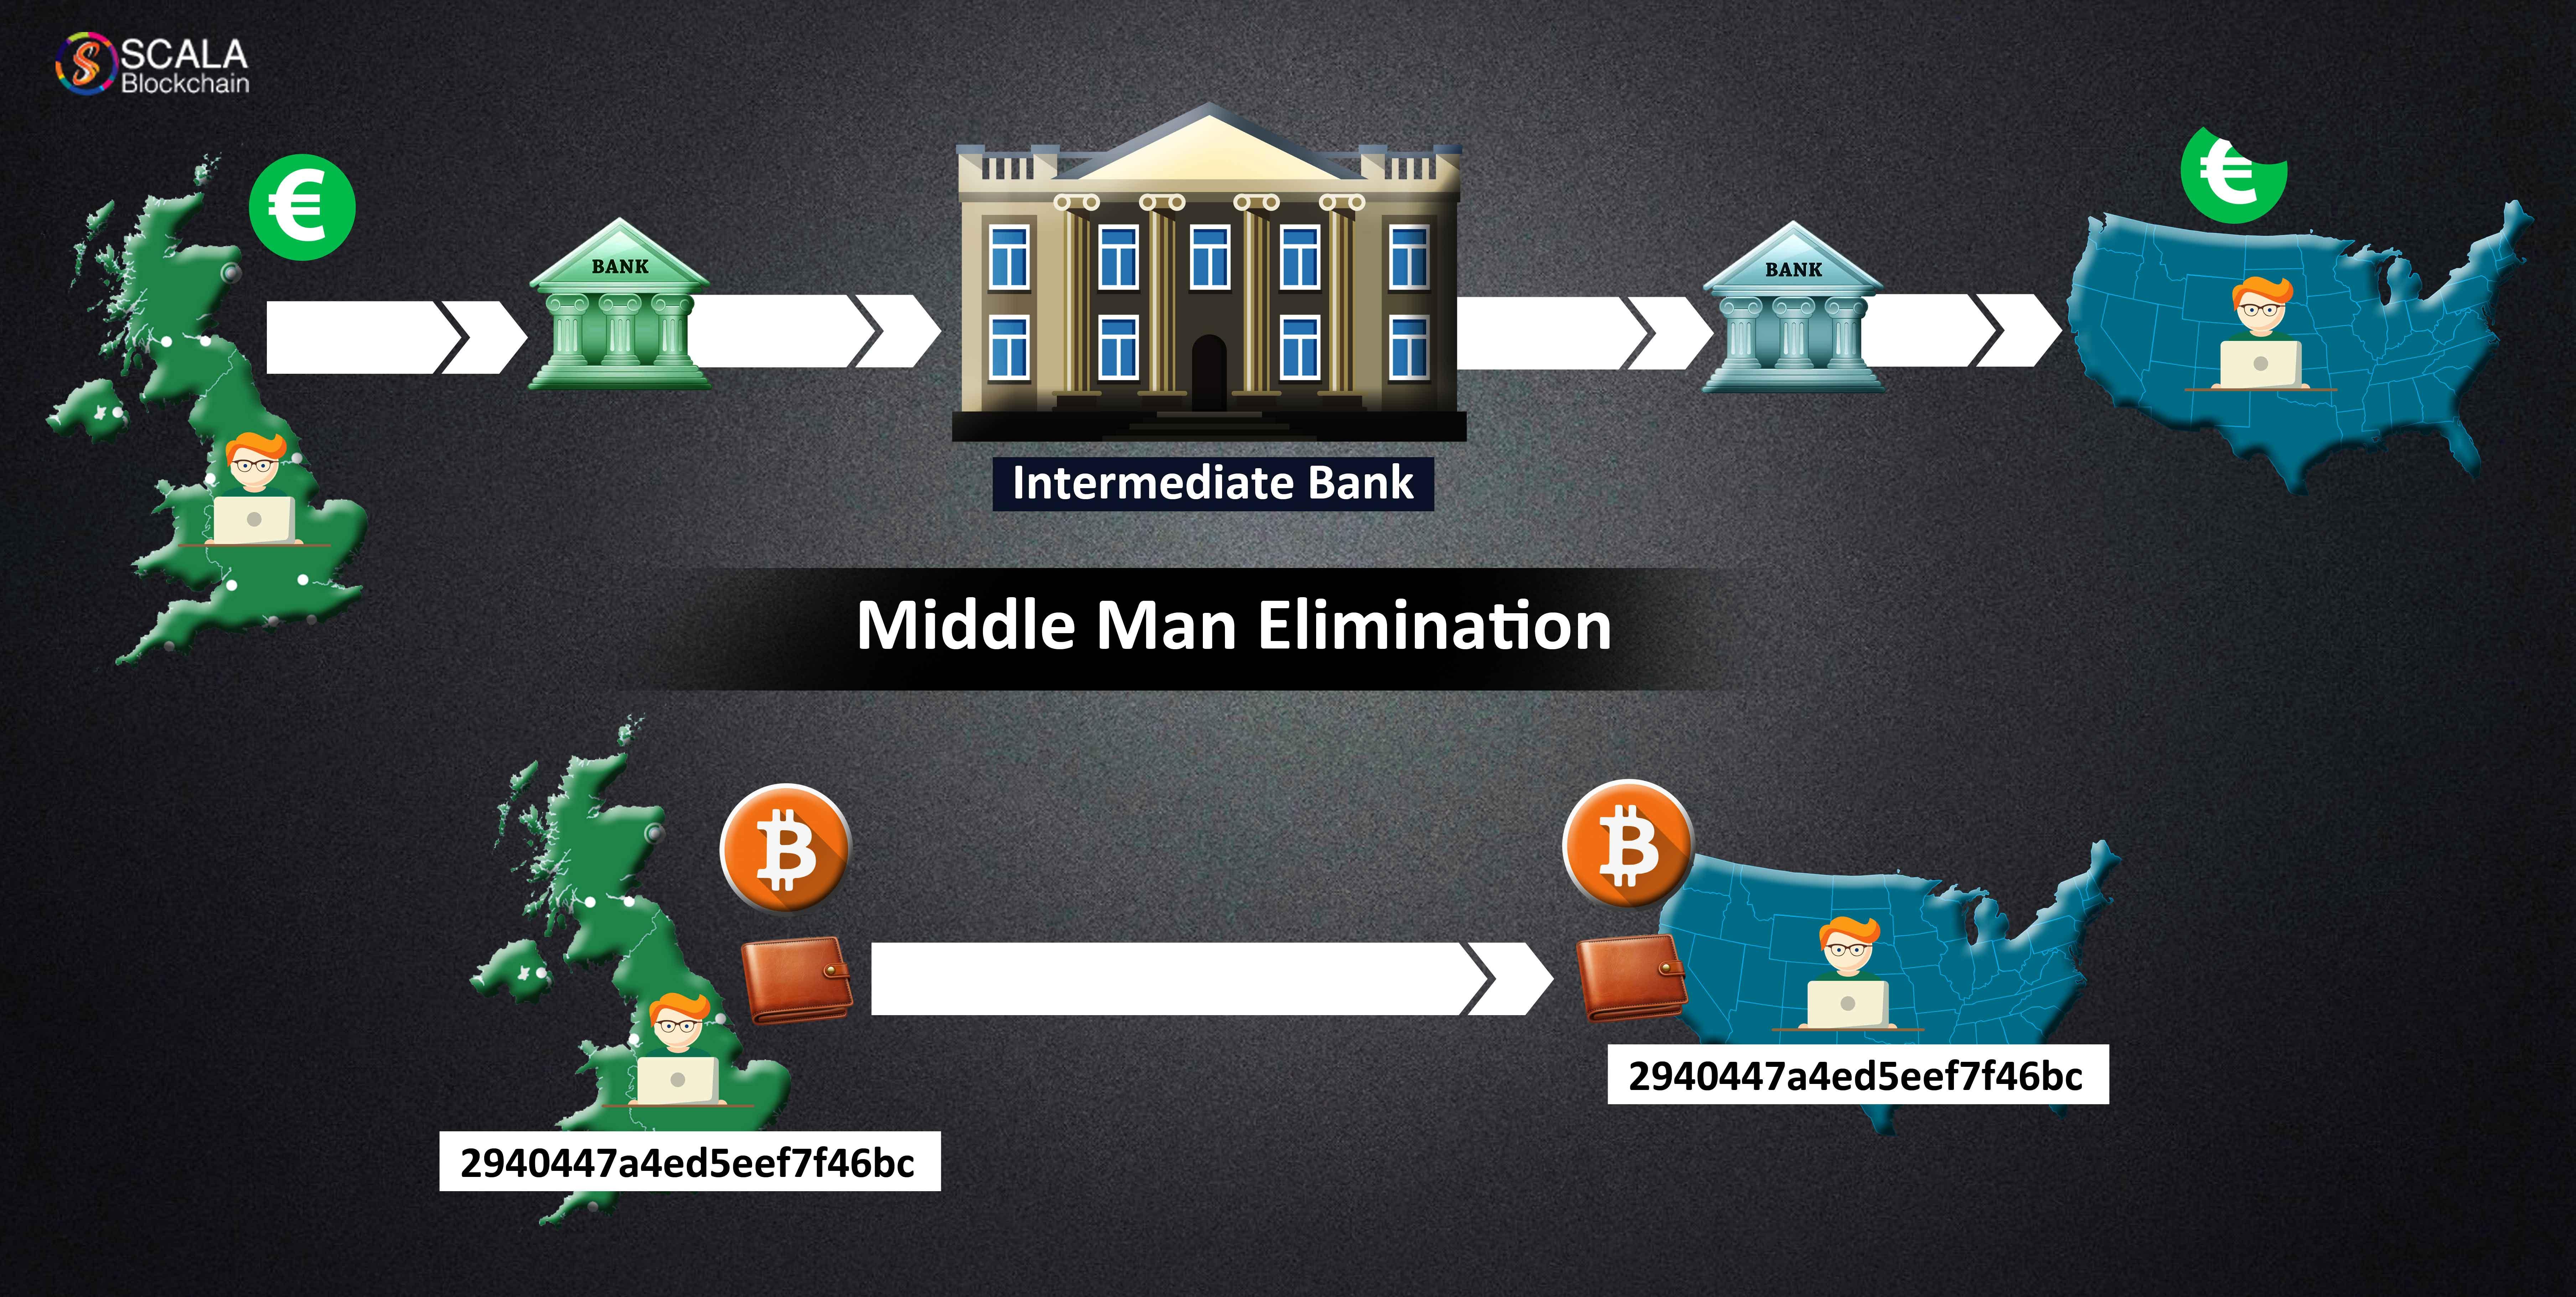 middleman elimination